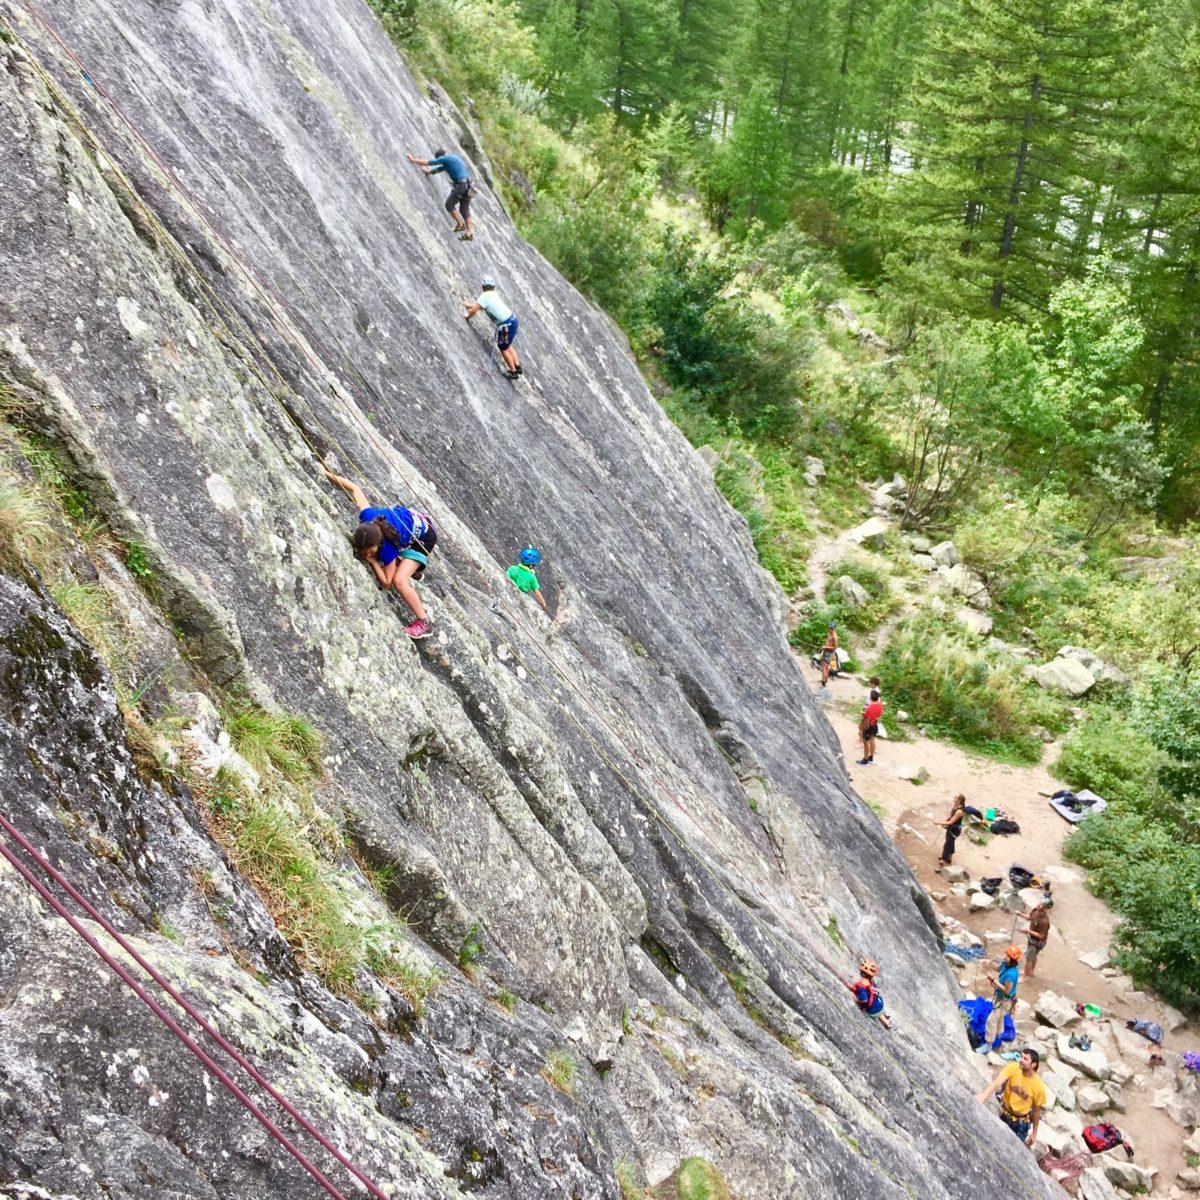 Familienfreundliche Kletterwand direkt neben dem Campingplatz